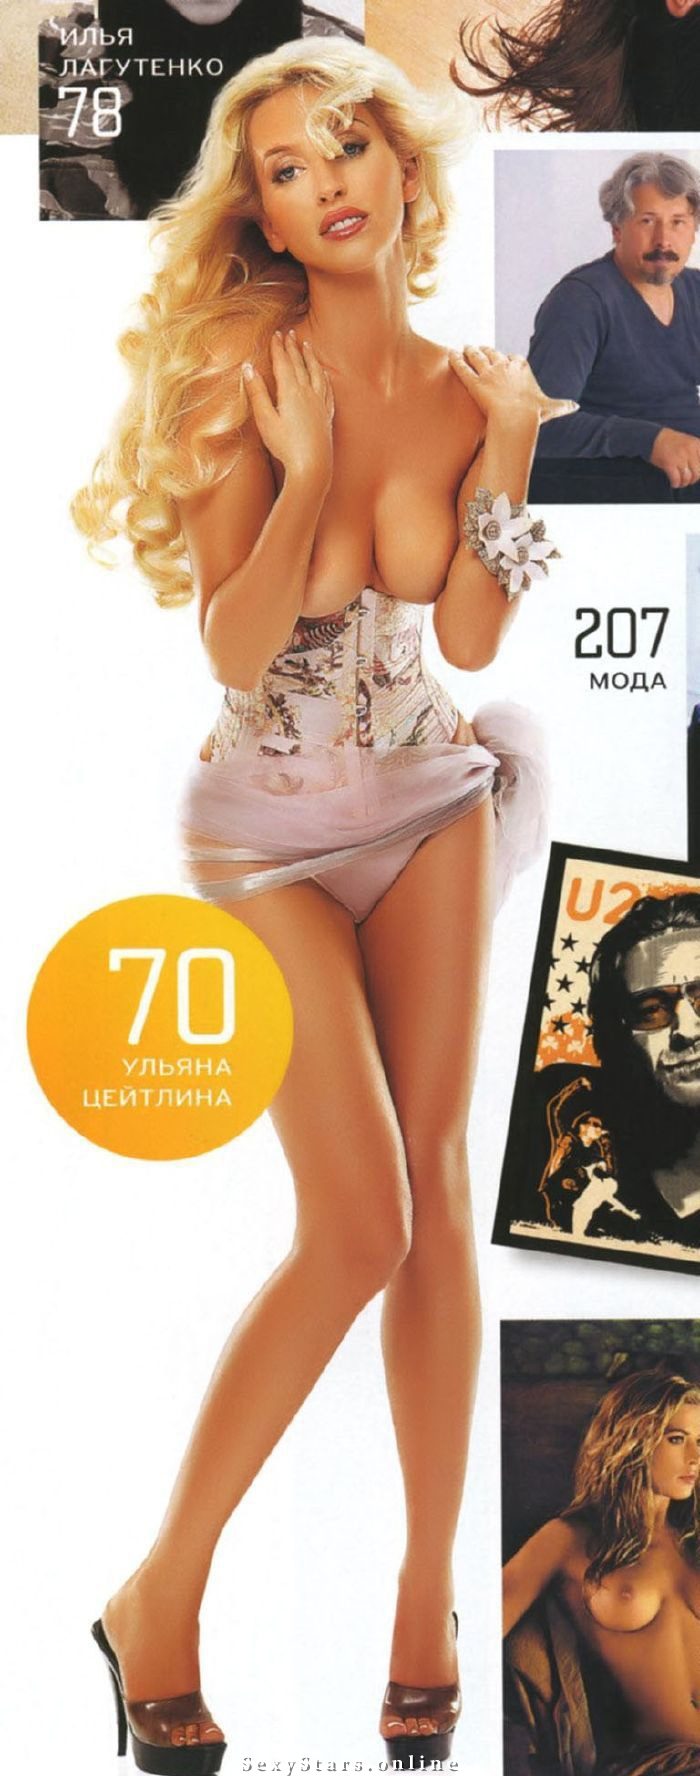 Ульяна Цейтлина голая. Фото - 9